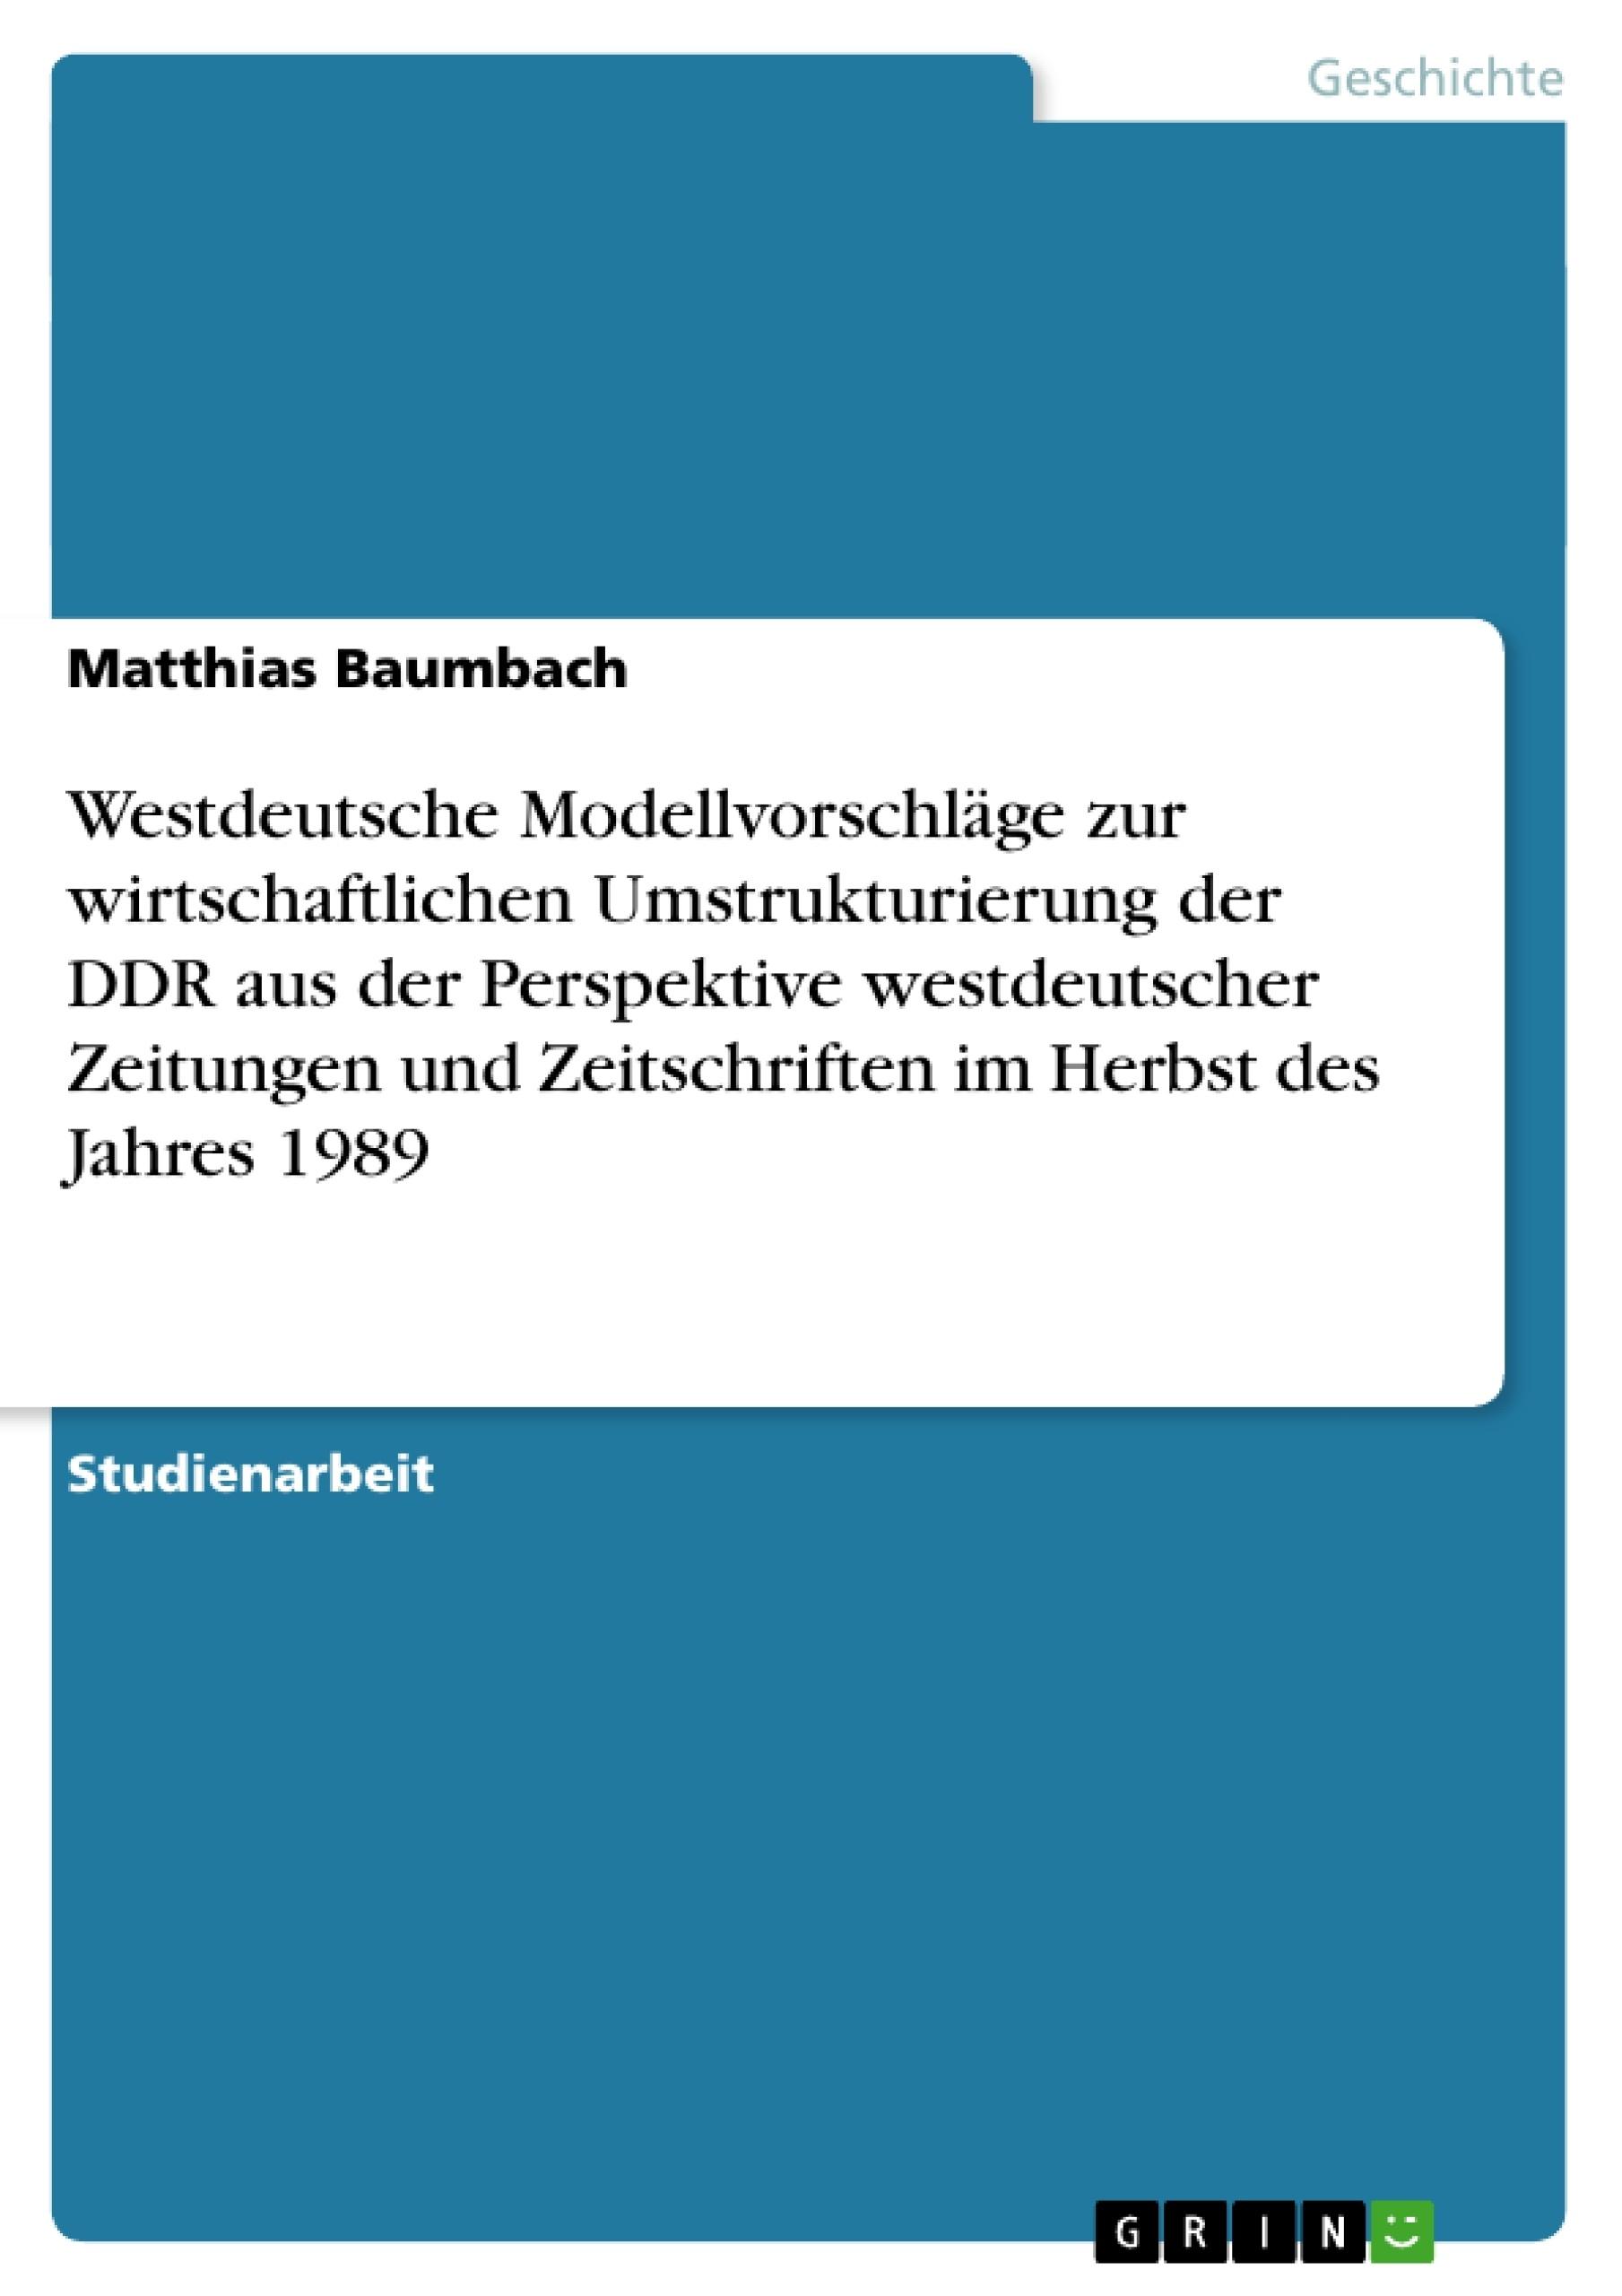 Titel: Westdeutsche Modellvorschläge zur wirtschaftlichen Umstrukturierung der DDR aus der Perspektive westdeutscher Zeitungen und Zeitschriften im Herbst des Jahres 1989